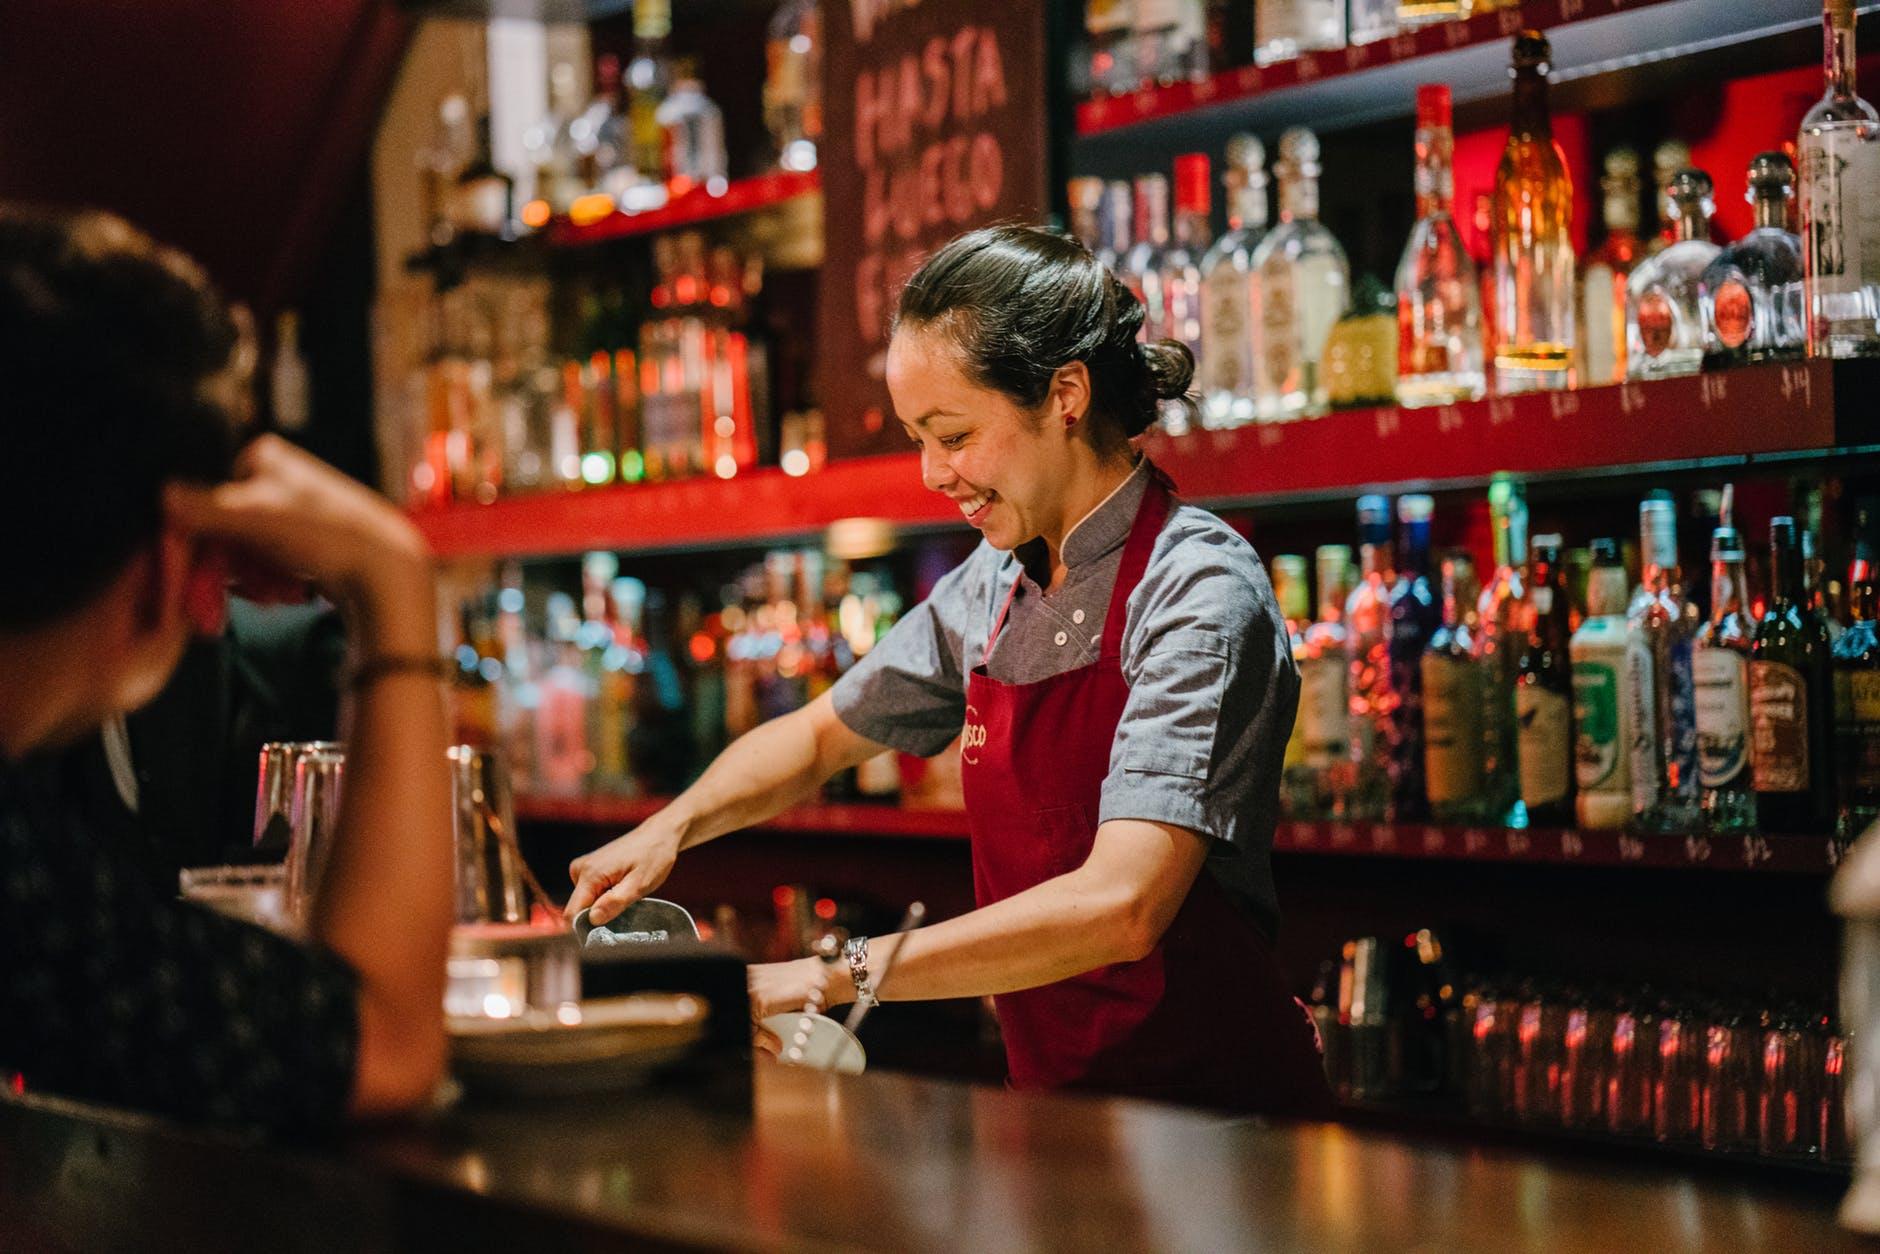 Nhân viên pha chế rượu trong F&B là gì?